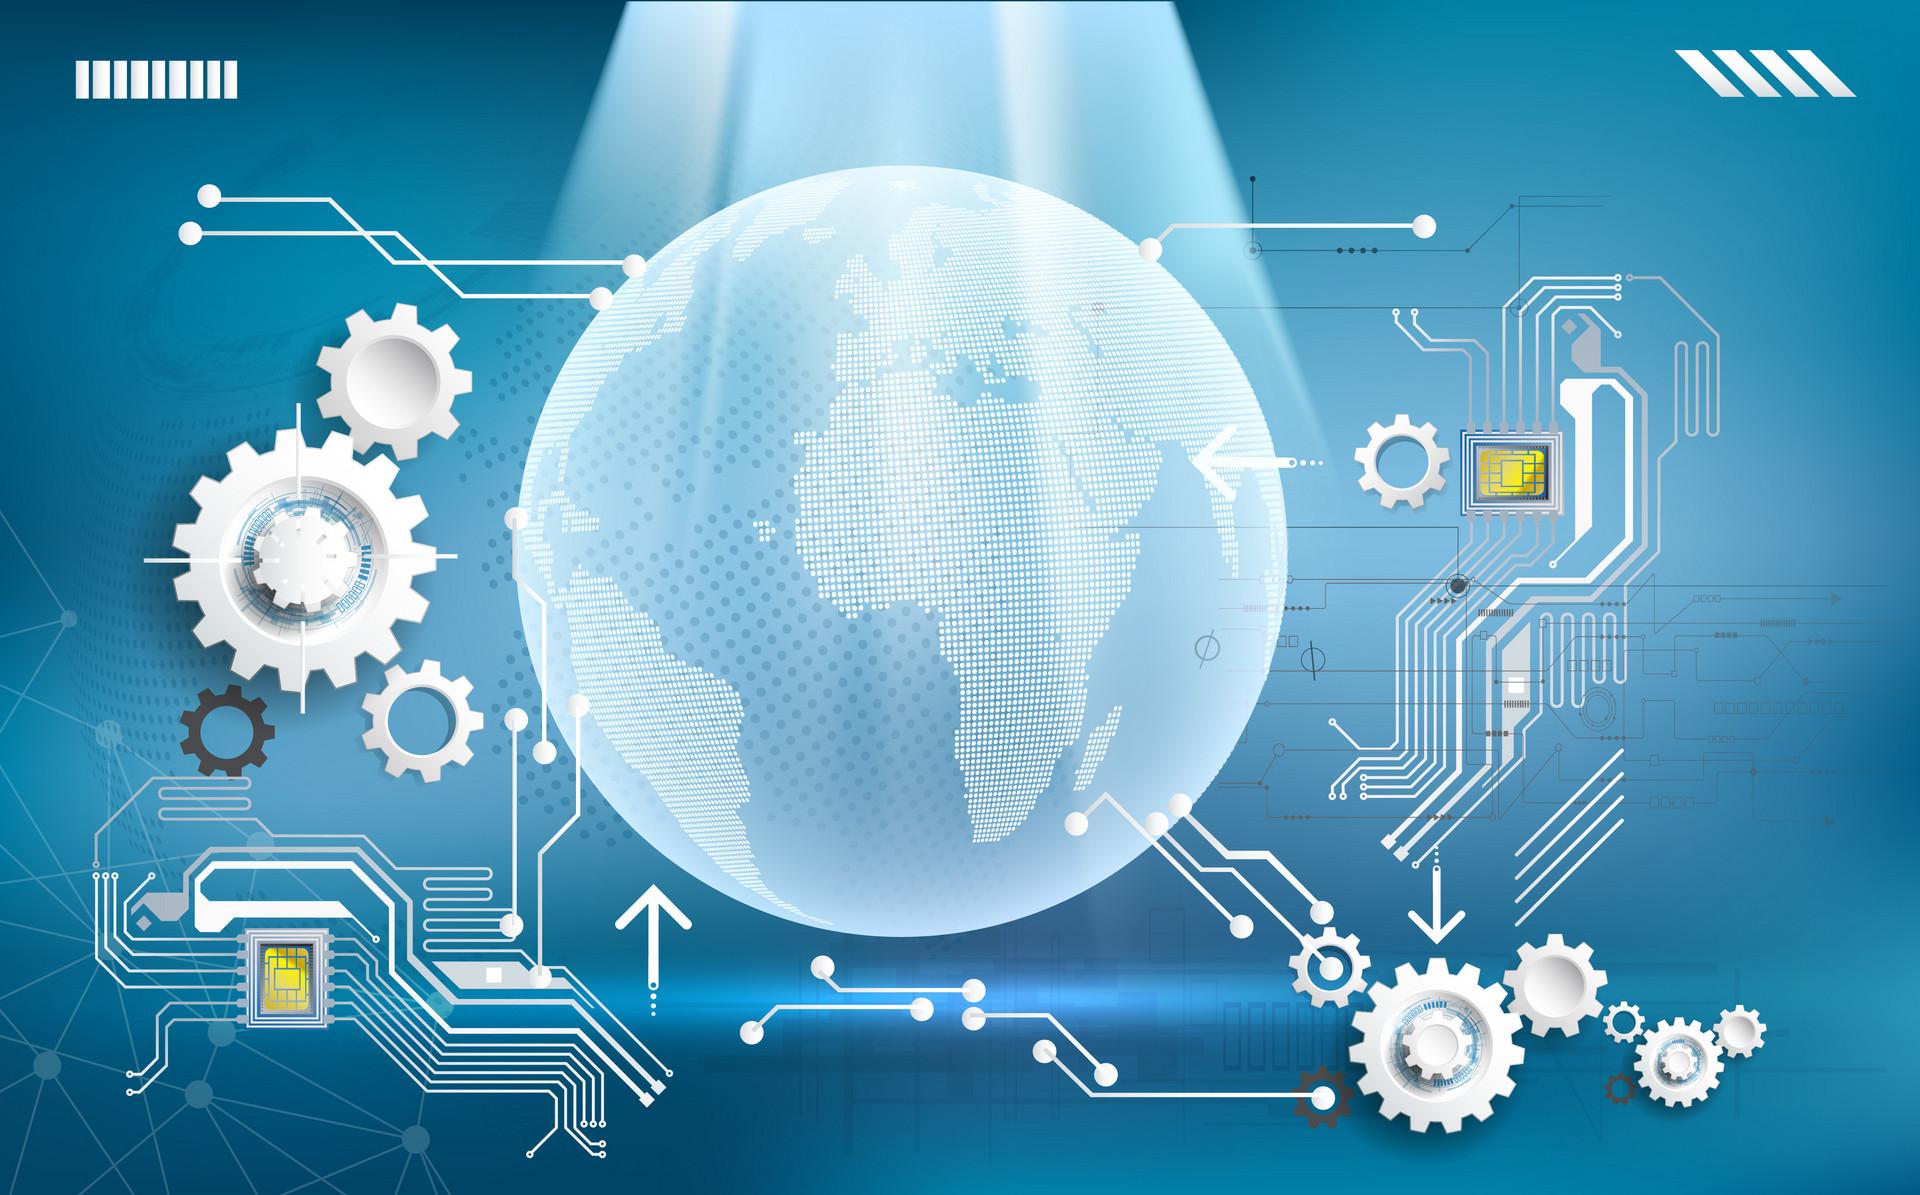 工信部:深化工业互联网等技术应用 支撑服务疫情防控和复工复产